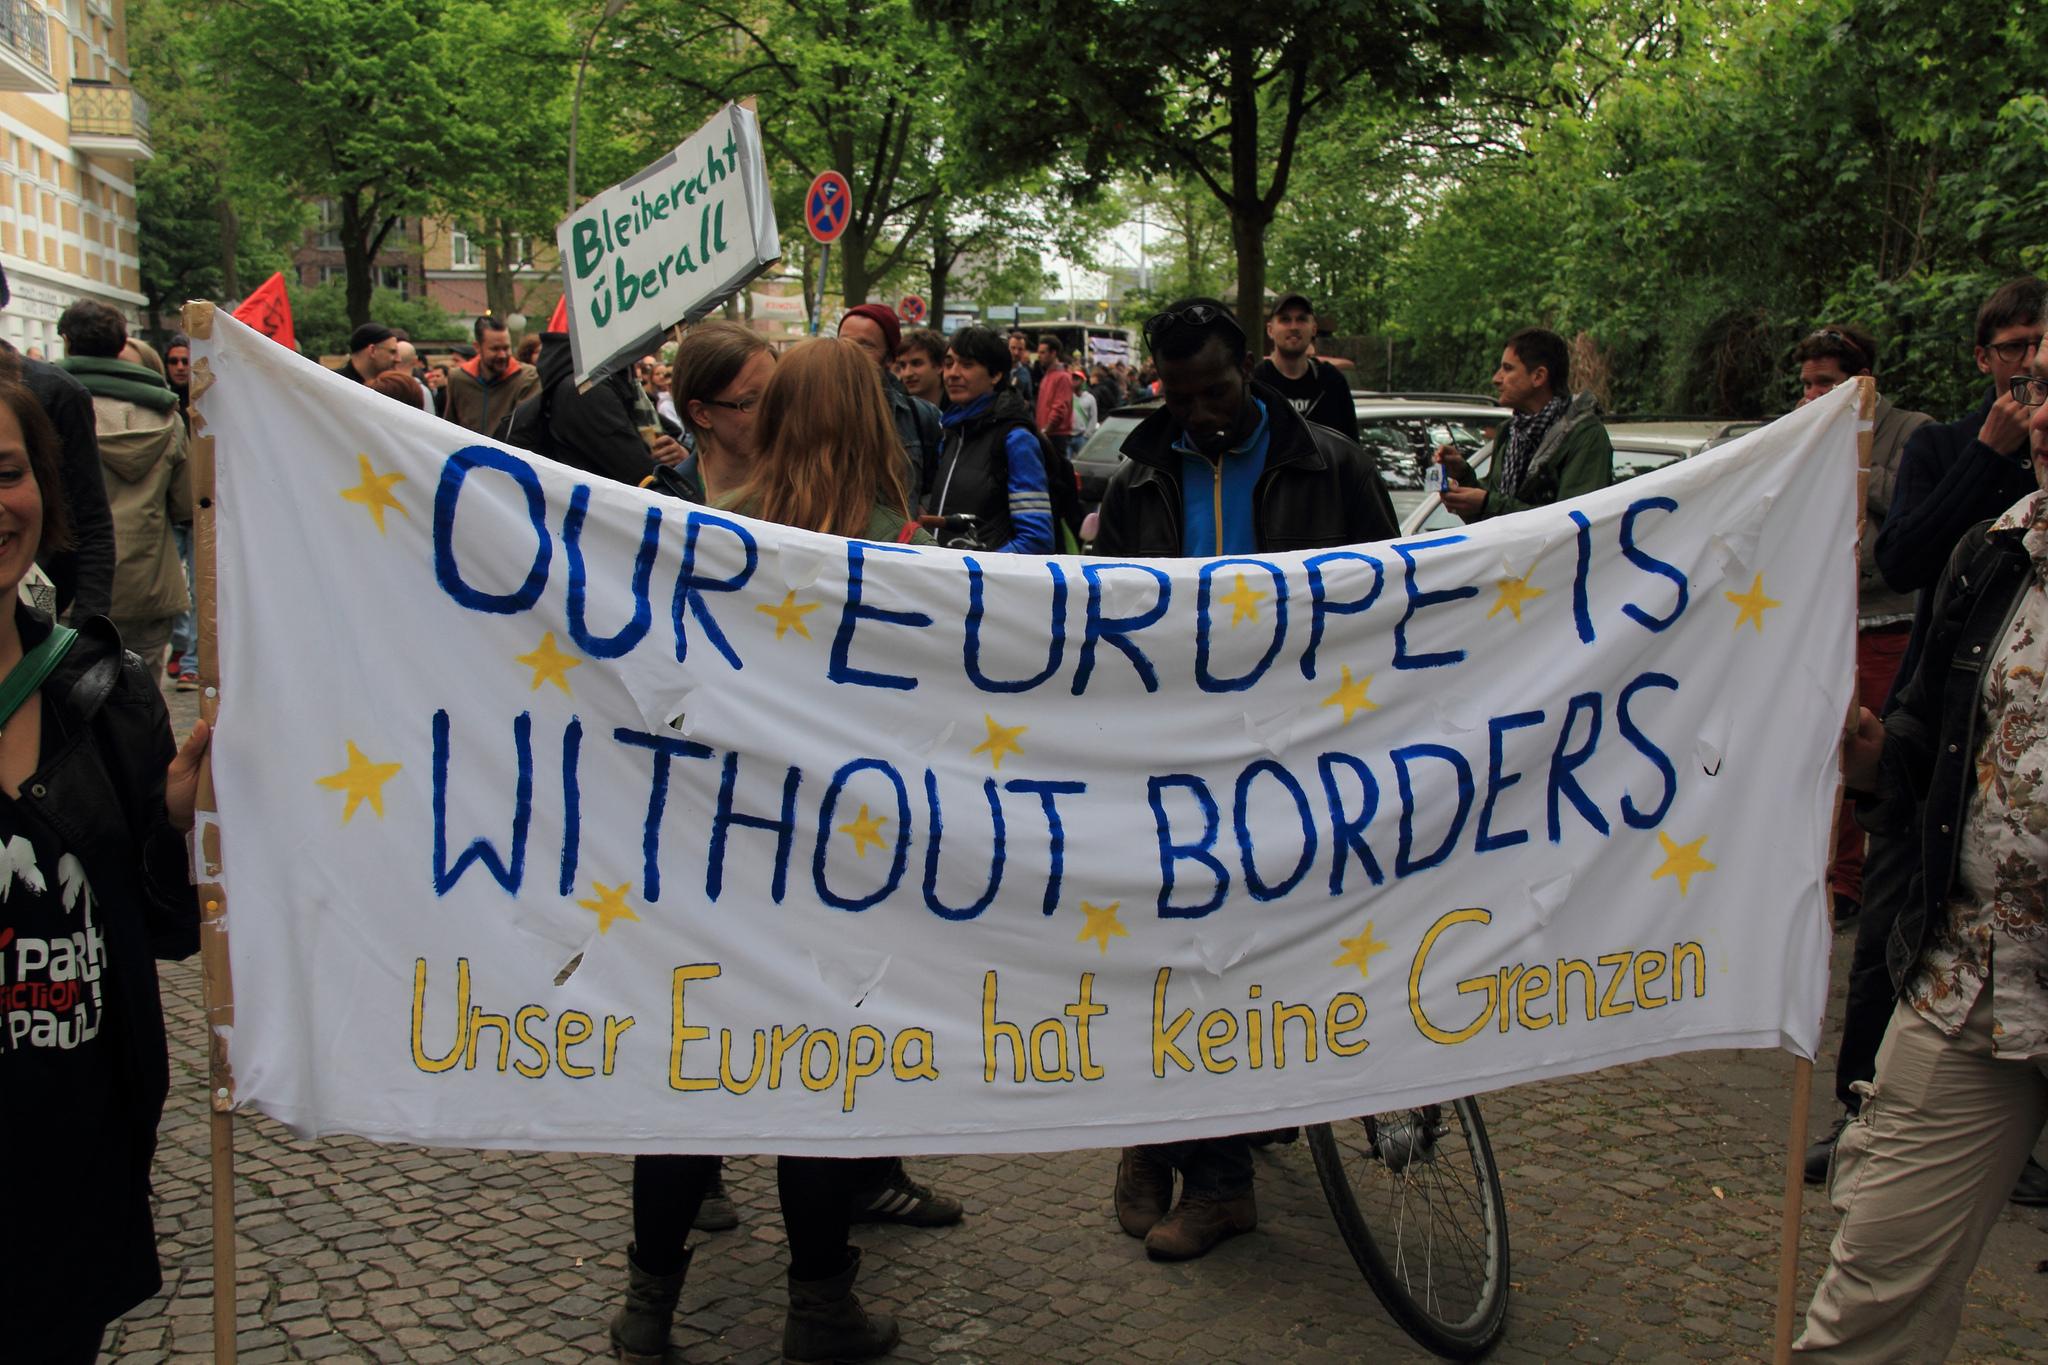 Centre d'accueil pour réfugiés à Hambourg, Allemagne. Mai 2014. [Rasande Tyskar/Flickr]